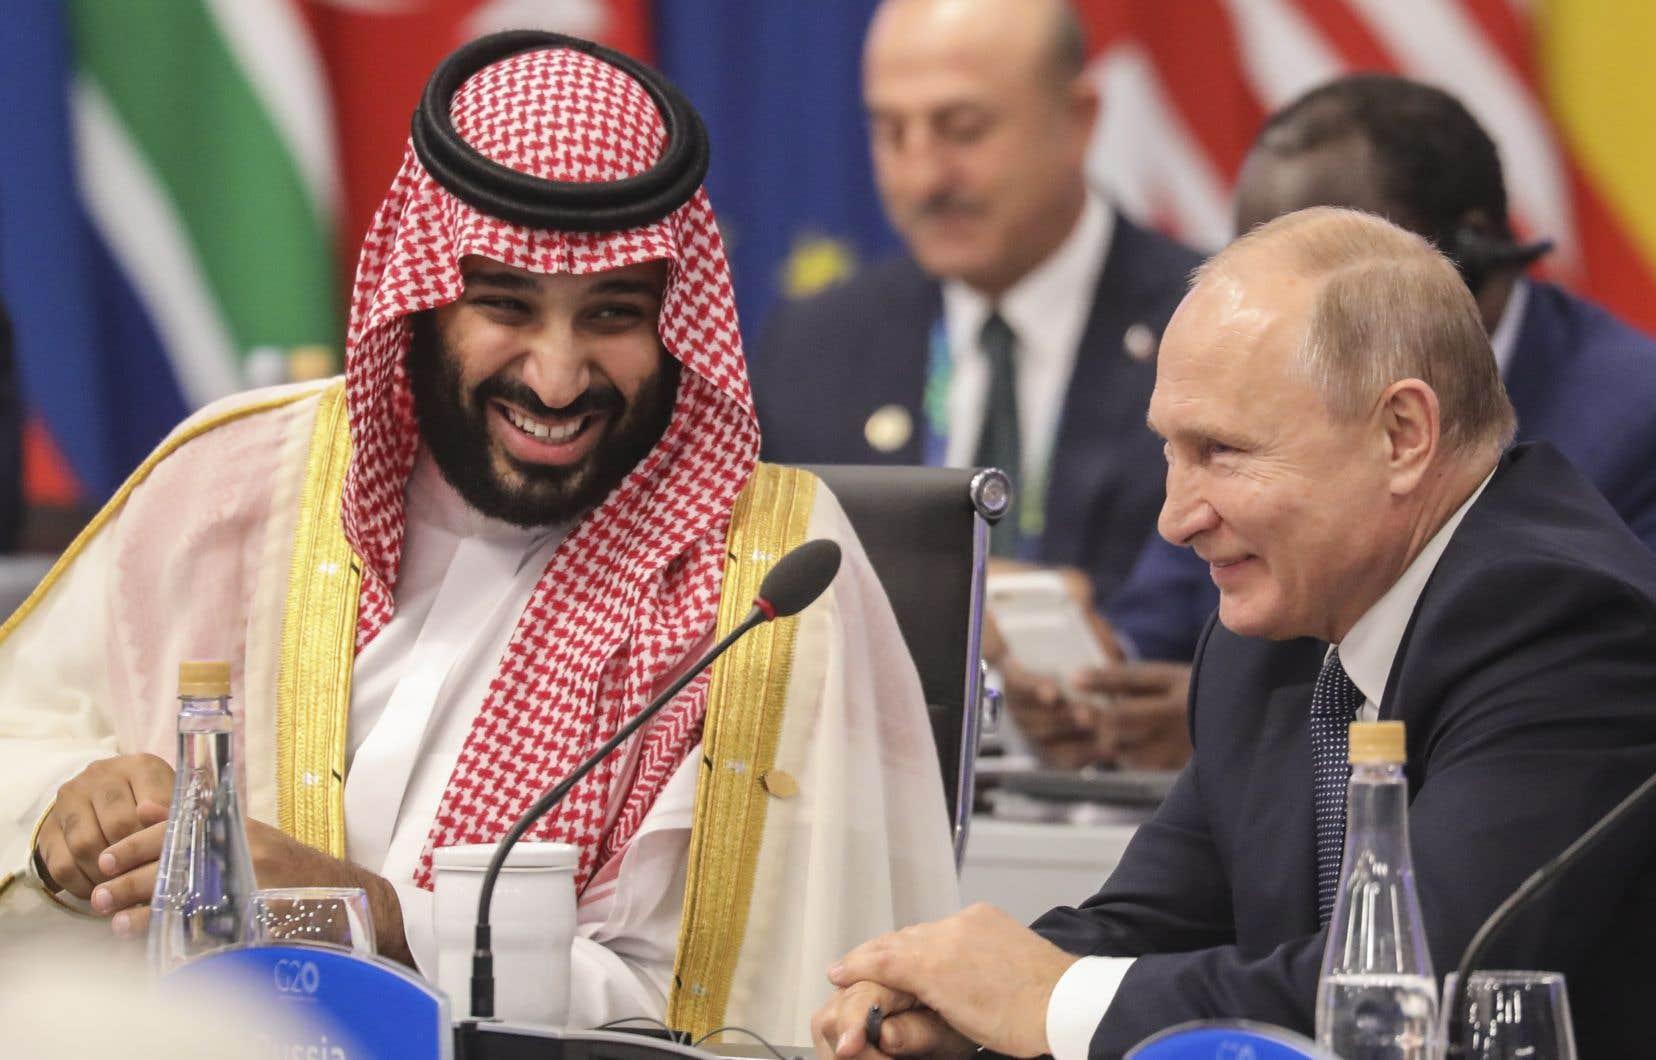 Le prince saoudien, Mohammed ben Salmane, et le président russe, Vladimir Poutine, se sont retrouvés avec un enthousiasme manifeste à Buenos Aires.